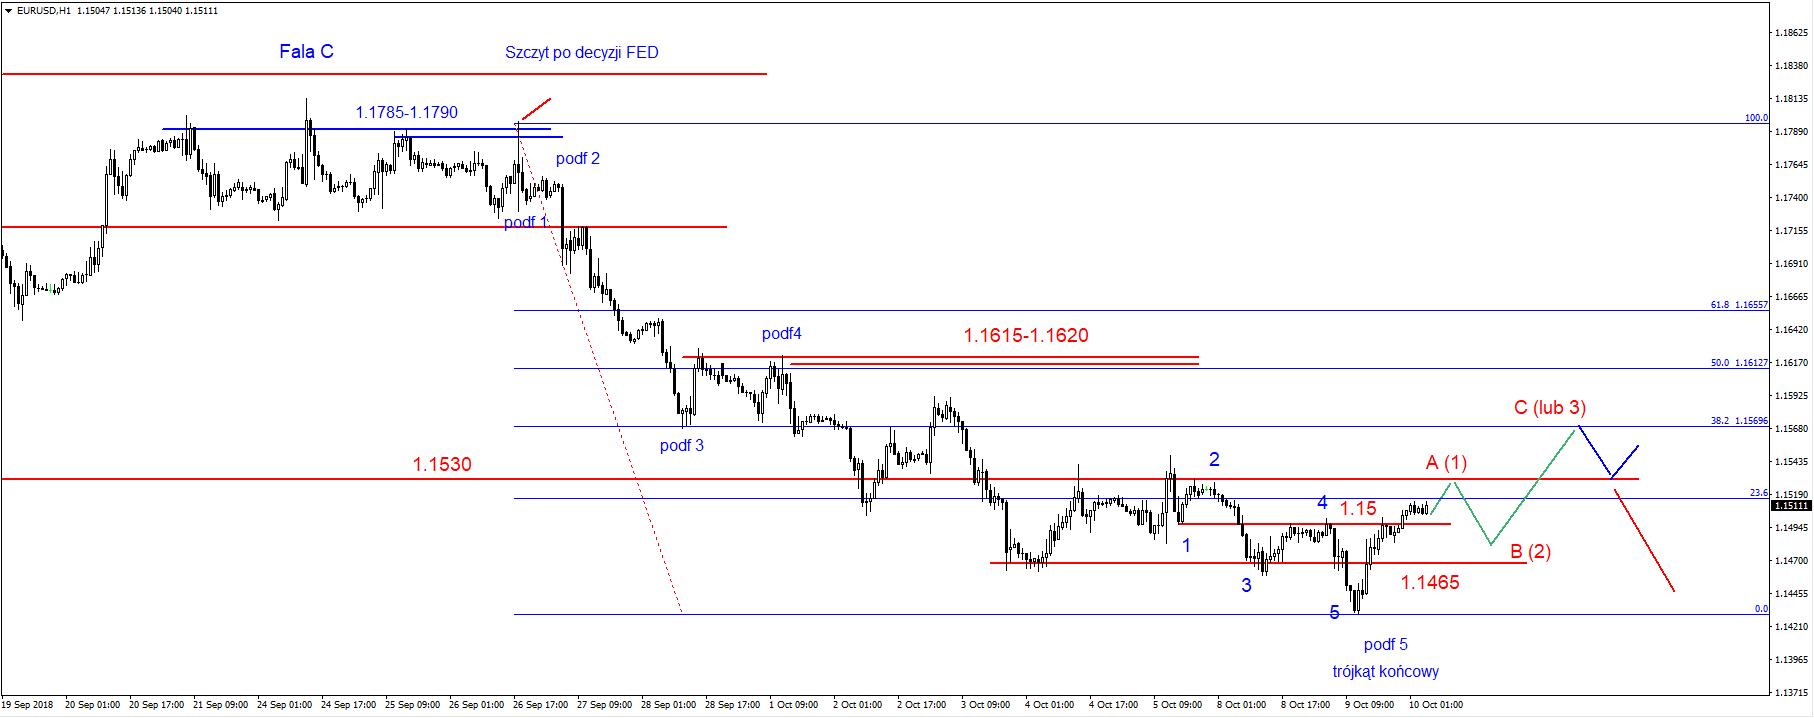 EUR/USD, Indeks dolara, SP500, FW20, Ropa, Złoto - komentarz